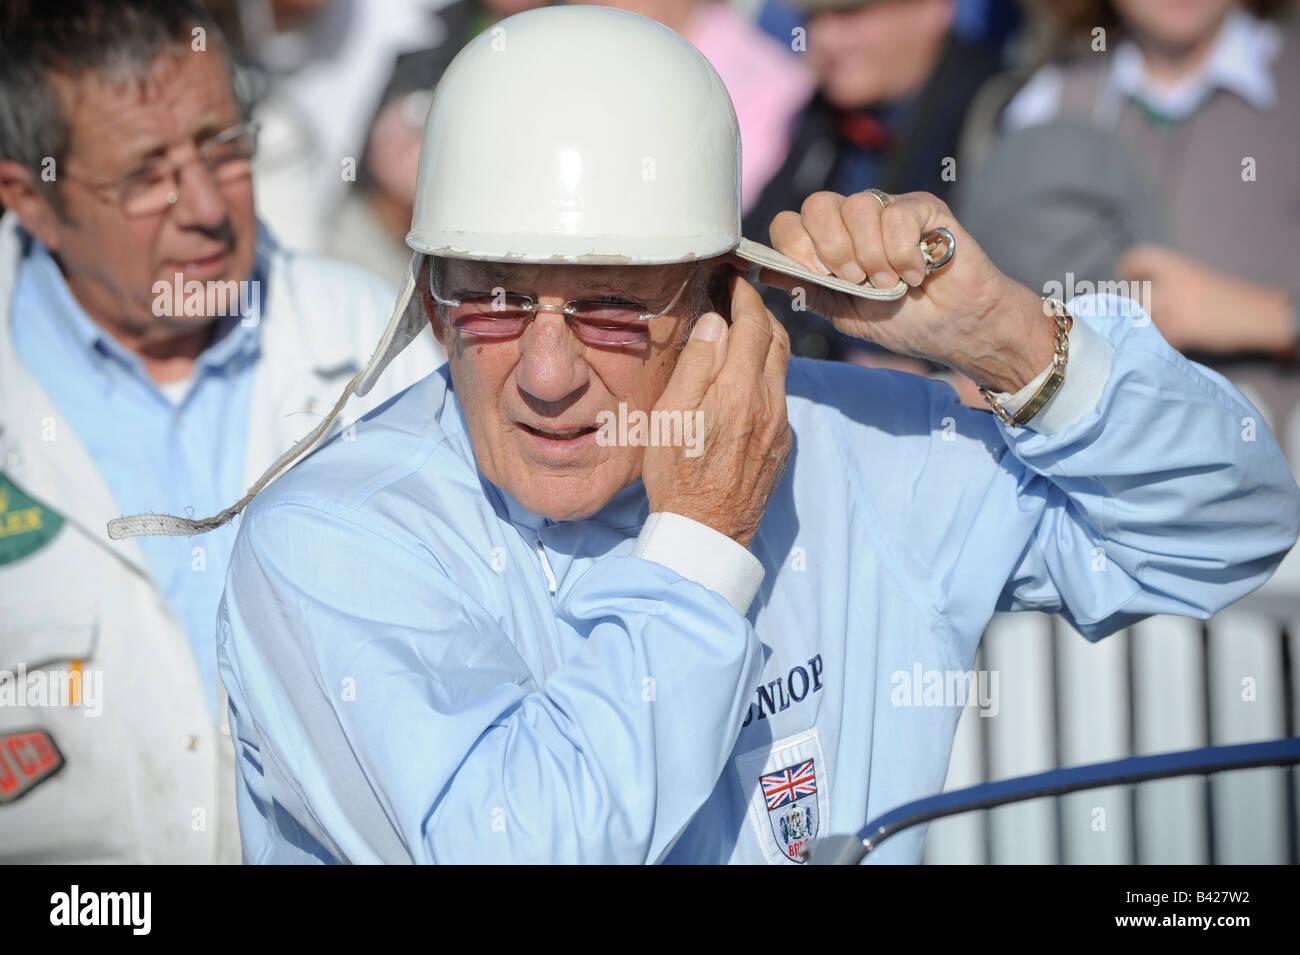 Goodwood Revival 2008: Sterling Moss im Chat mit anderen Fahrern vor Fahrtantritt. Bild von Jim Holden. Stockfoto